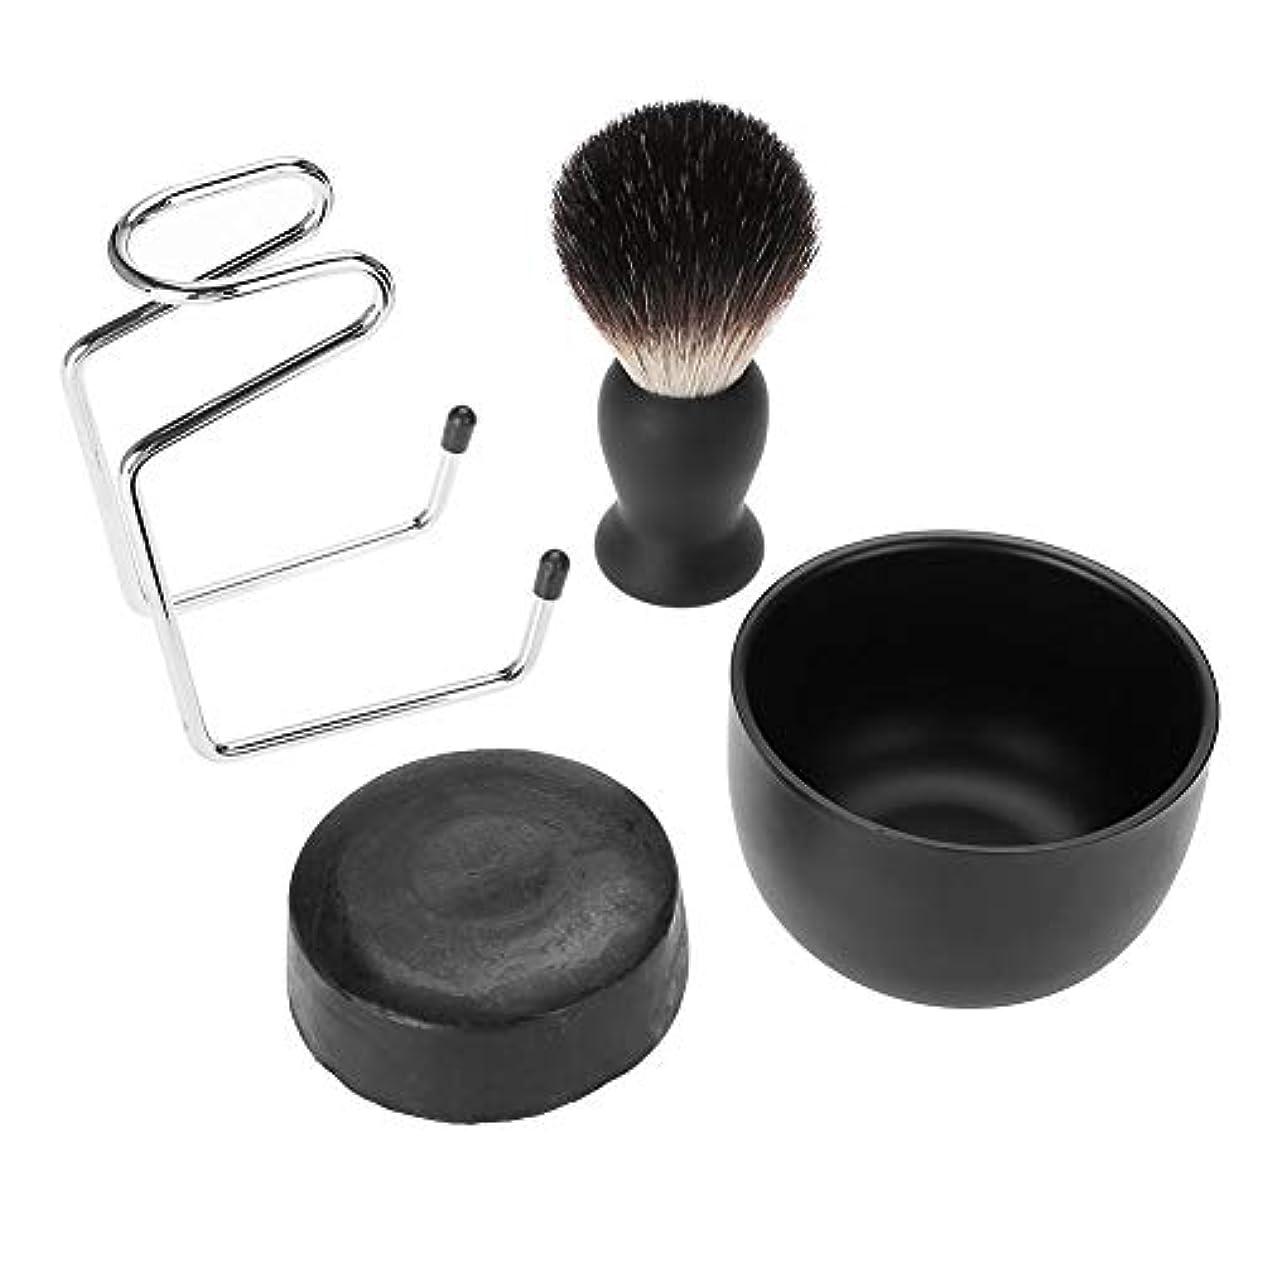 きらめき散歩ネイティブひげ剃りセット、ひげ剃りツールキット付きシェービングブラシ+ブラシスタンド+シェービングソープ+男性用ギフトサロンホームトラベル使用